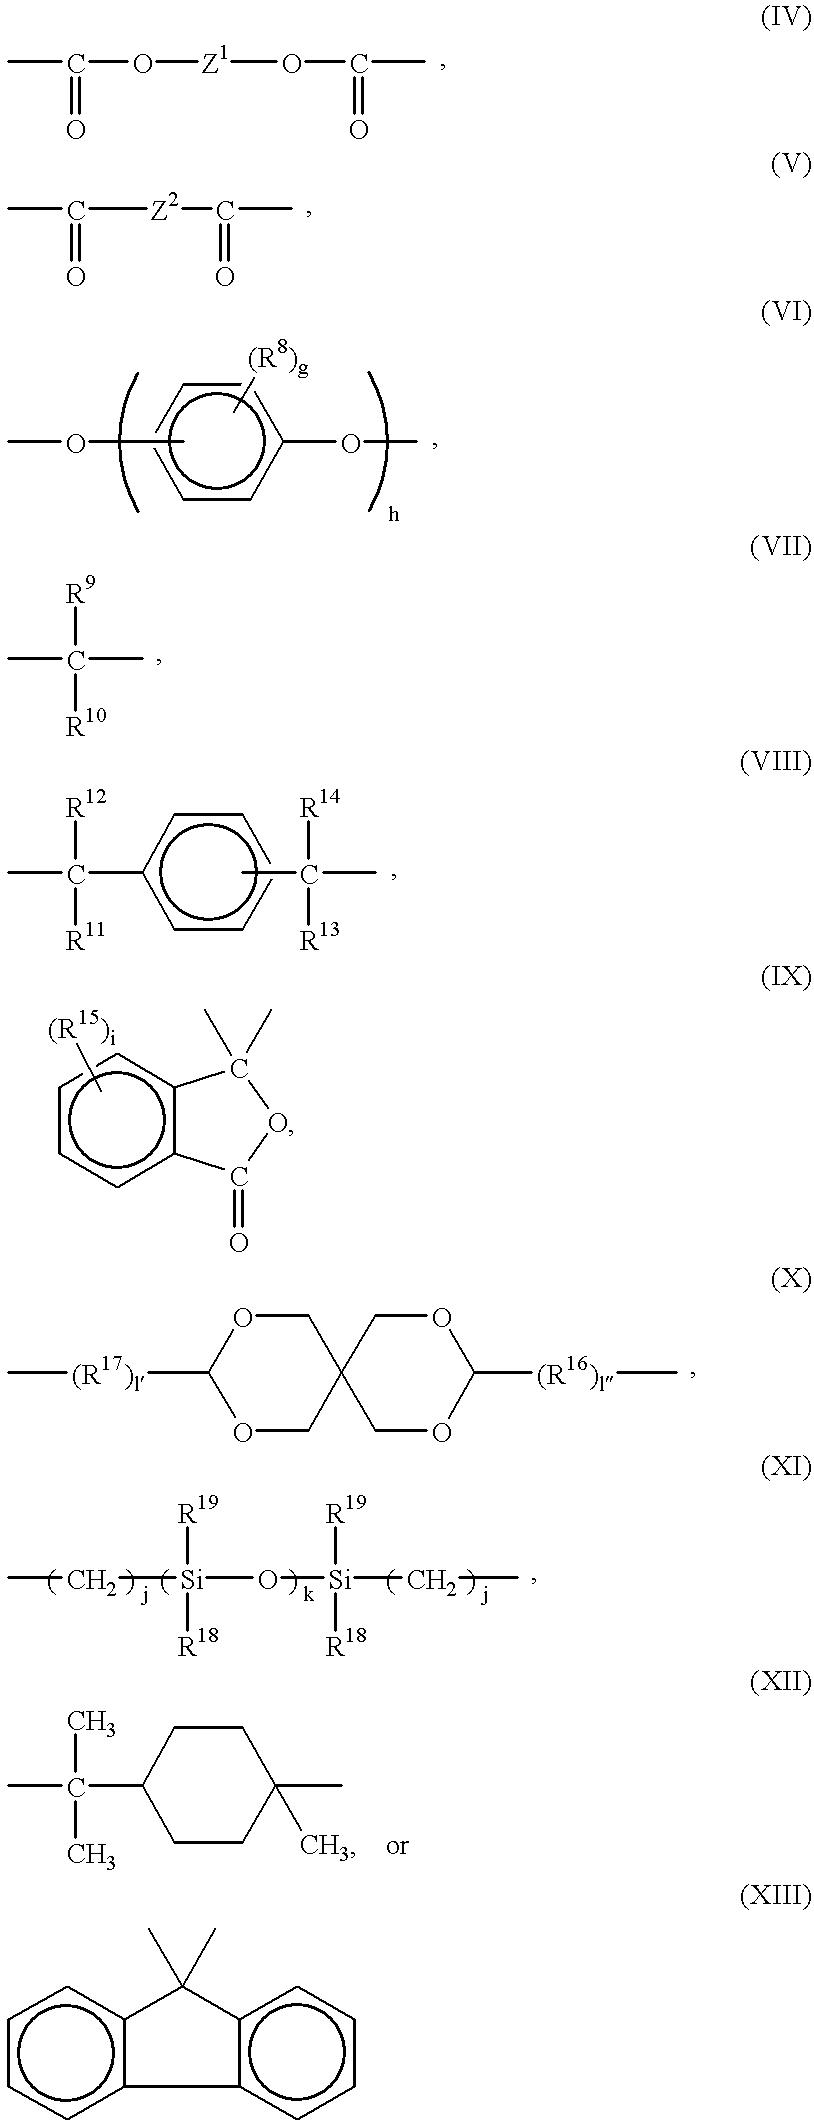 Figure US06548216-20030415-C00009